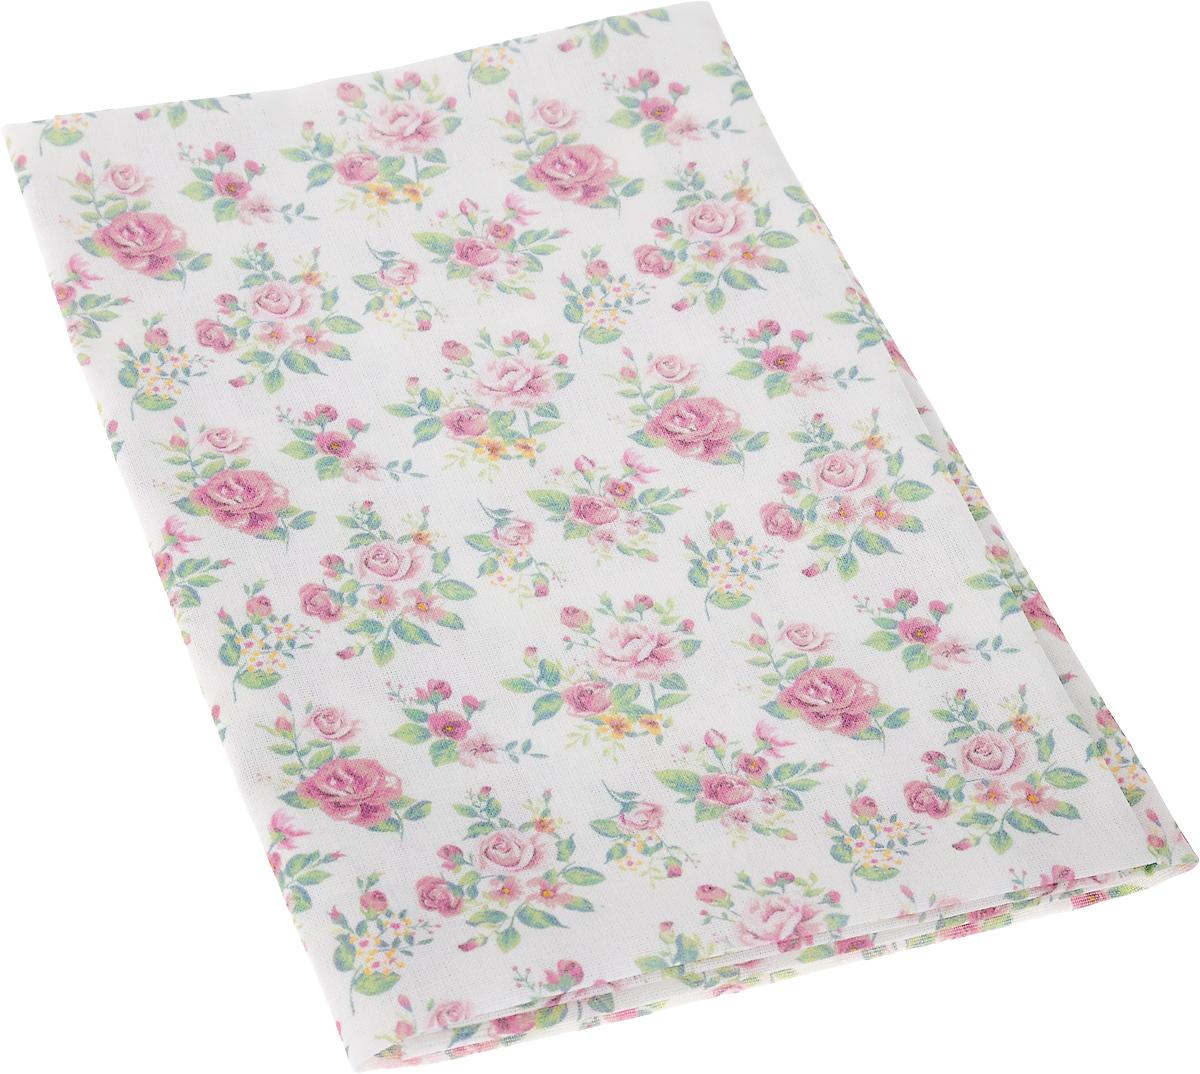 Ткань для пэчворка Артмикс Нежные розы шебби, цвет: белый, розовый, зеленый, 48 x 50 смAM597002Ткань Артмикс Нежные розы шебби, изготовленная из 100% хлопка, предназначена для пошива одеял, покрывал, сумок, аппликаций и прочих изделий в технике пэчворк. Также подходит для пошива кукол, аксессуаров и одежды. Пэчворк - это вид рукоделия, при котором по принципу мозаики сшивается цельное изделие из кусочков ткани (лоскутков). Плотность ткани: 120 г/м2. УВАЖАЕМЫЕ КЛИЕНТЫ! Обращаем ваше внимание, на тот факт, что размер отреза может отличаться на 1-2 см.